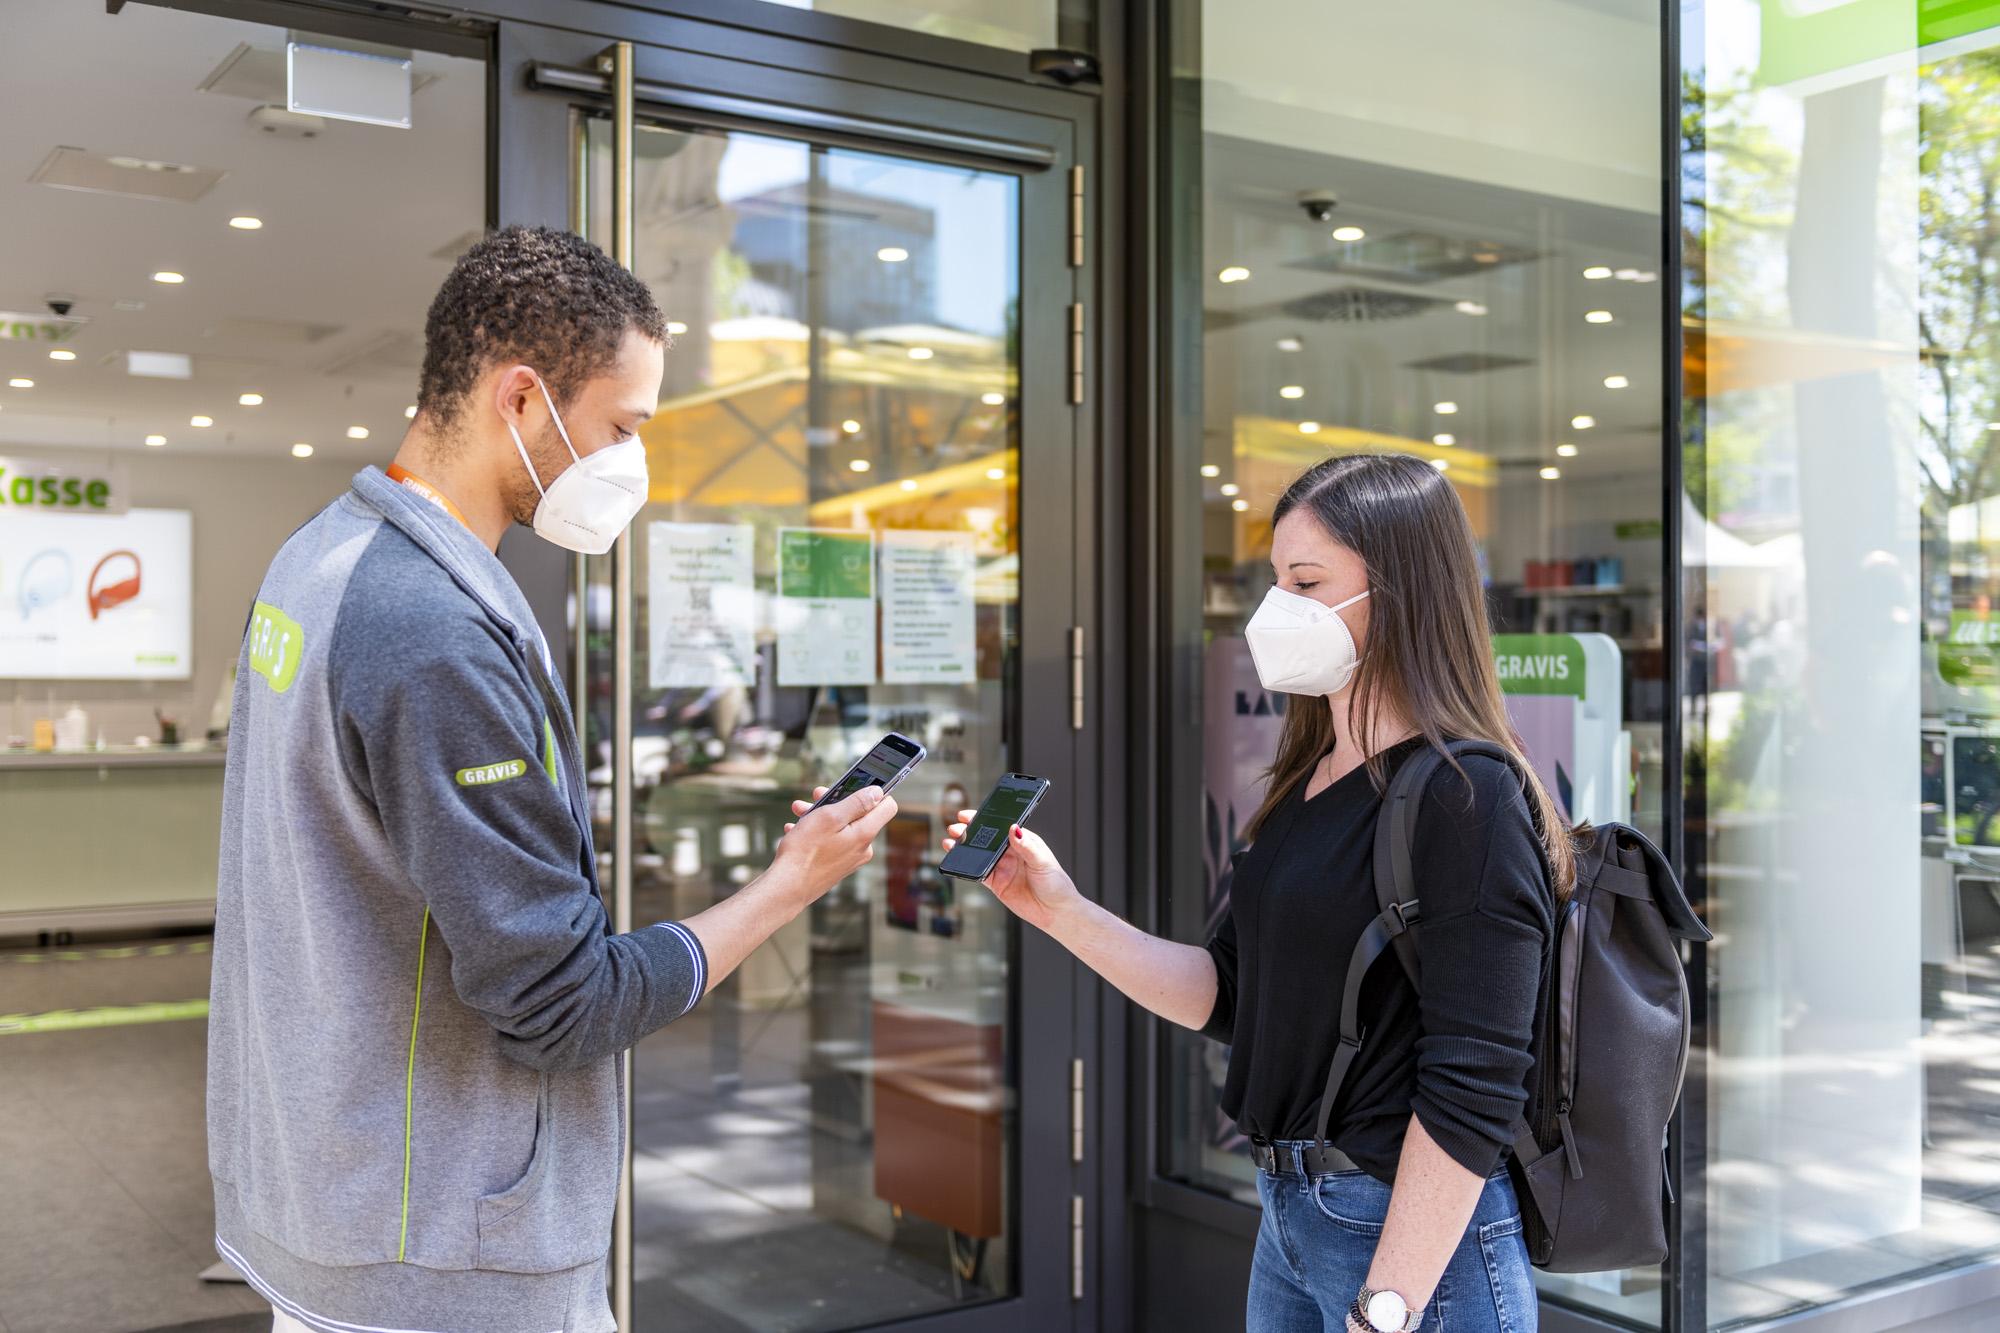 Ein Gravis Mitarbeiter scannt die Wallet Karte einer Kundin mit smartervisit im Rahmen von Click & Meet Vorgaben.